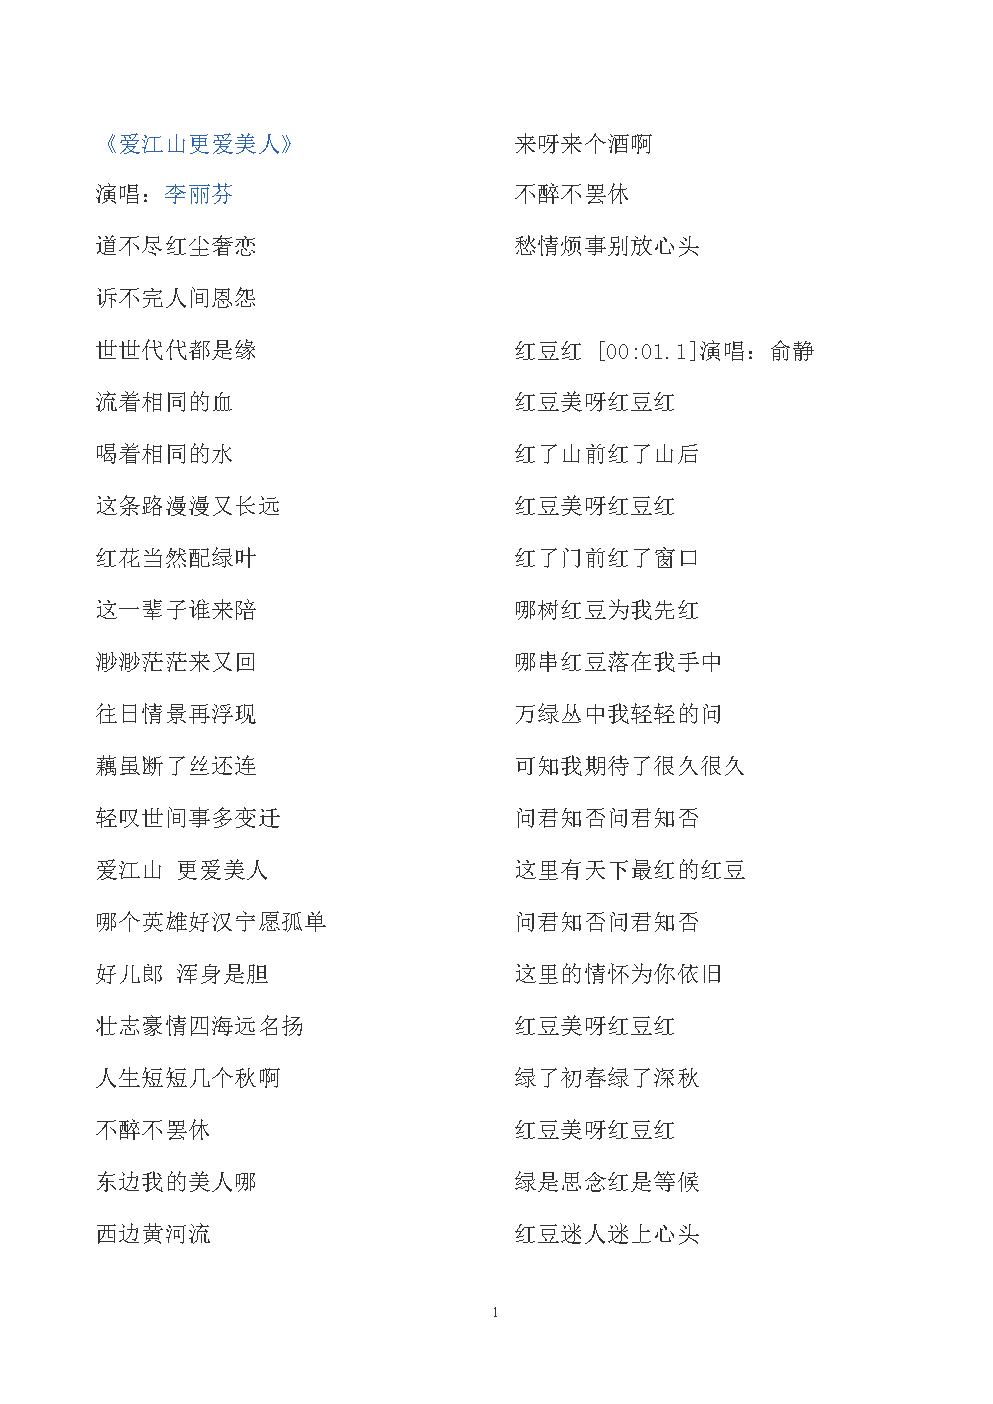 多少等待依旧为你-枫舞/王馨(MP3歌词/LRC歌词) lrc歌词下载 第1张